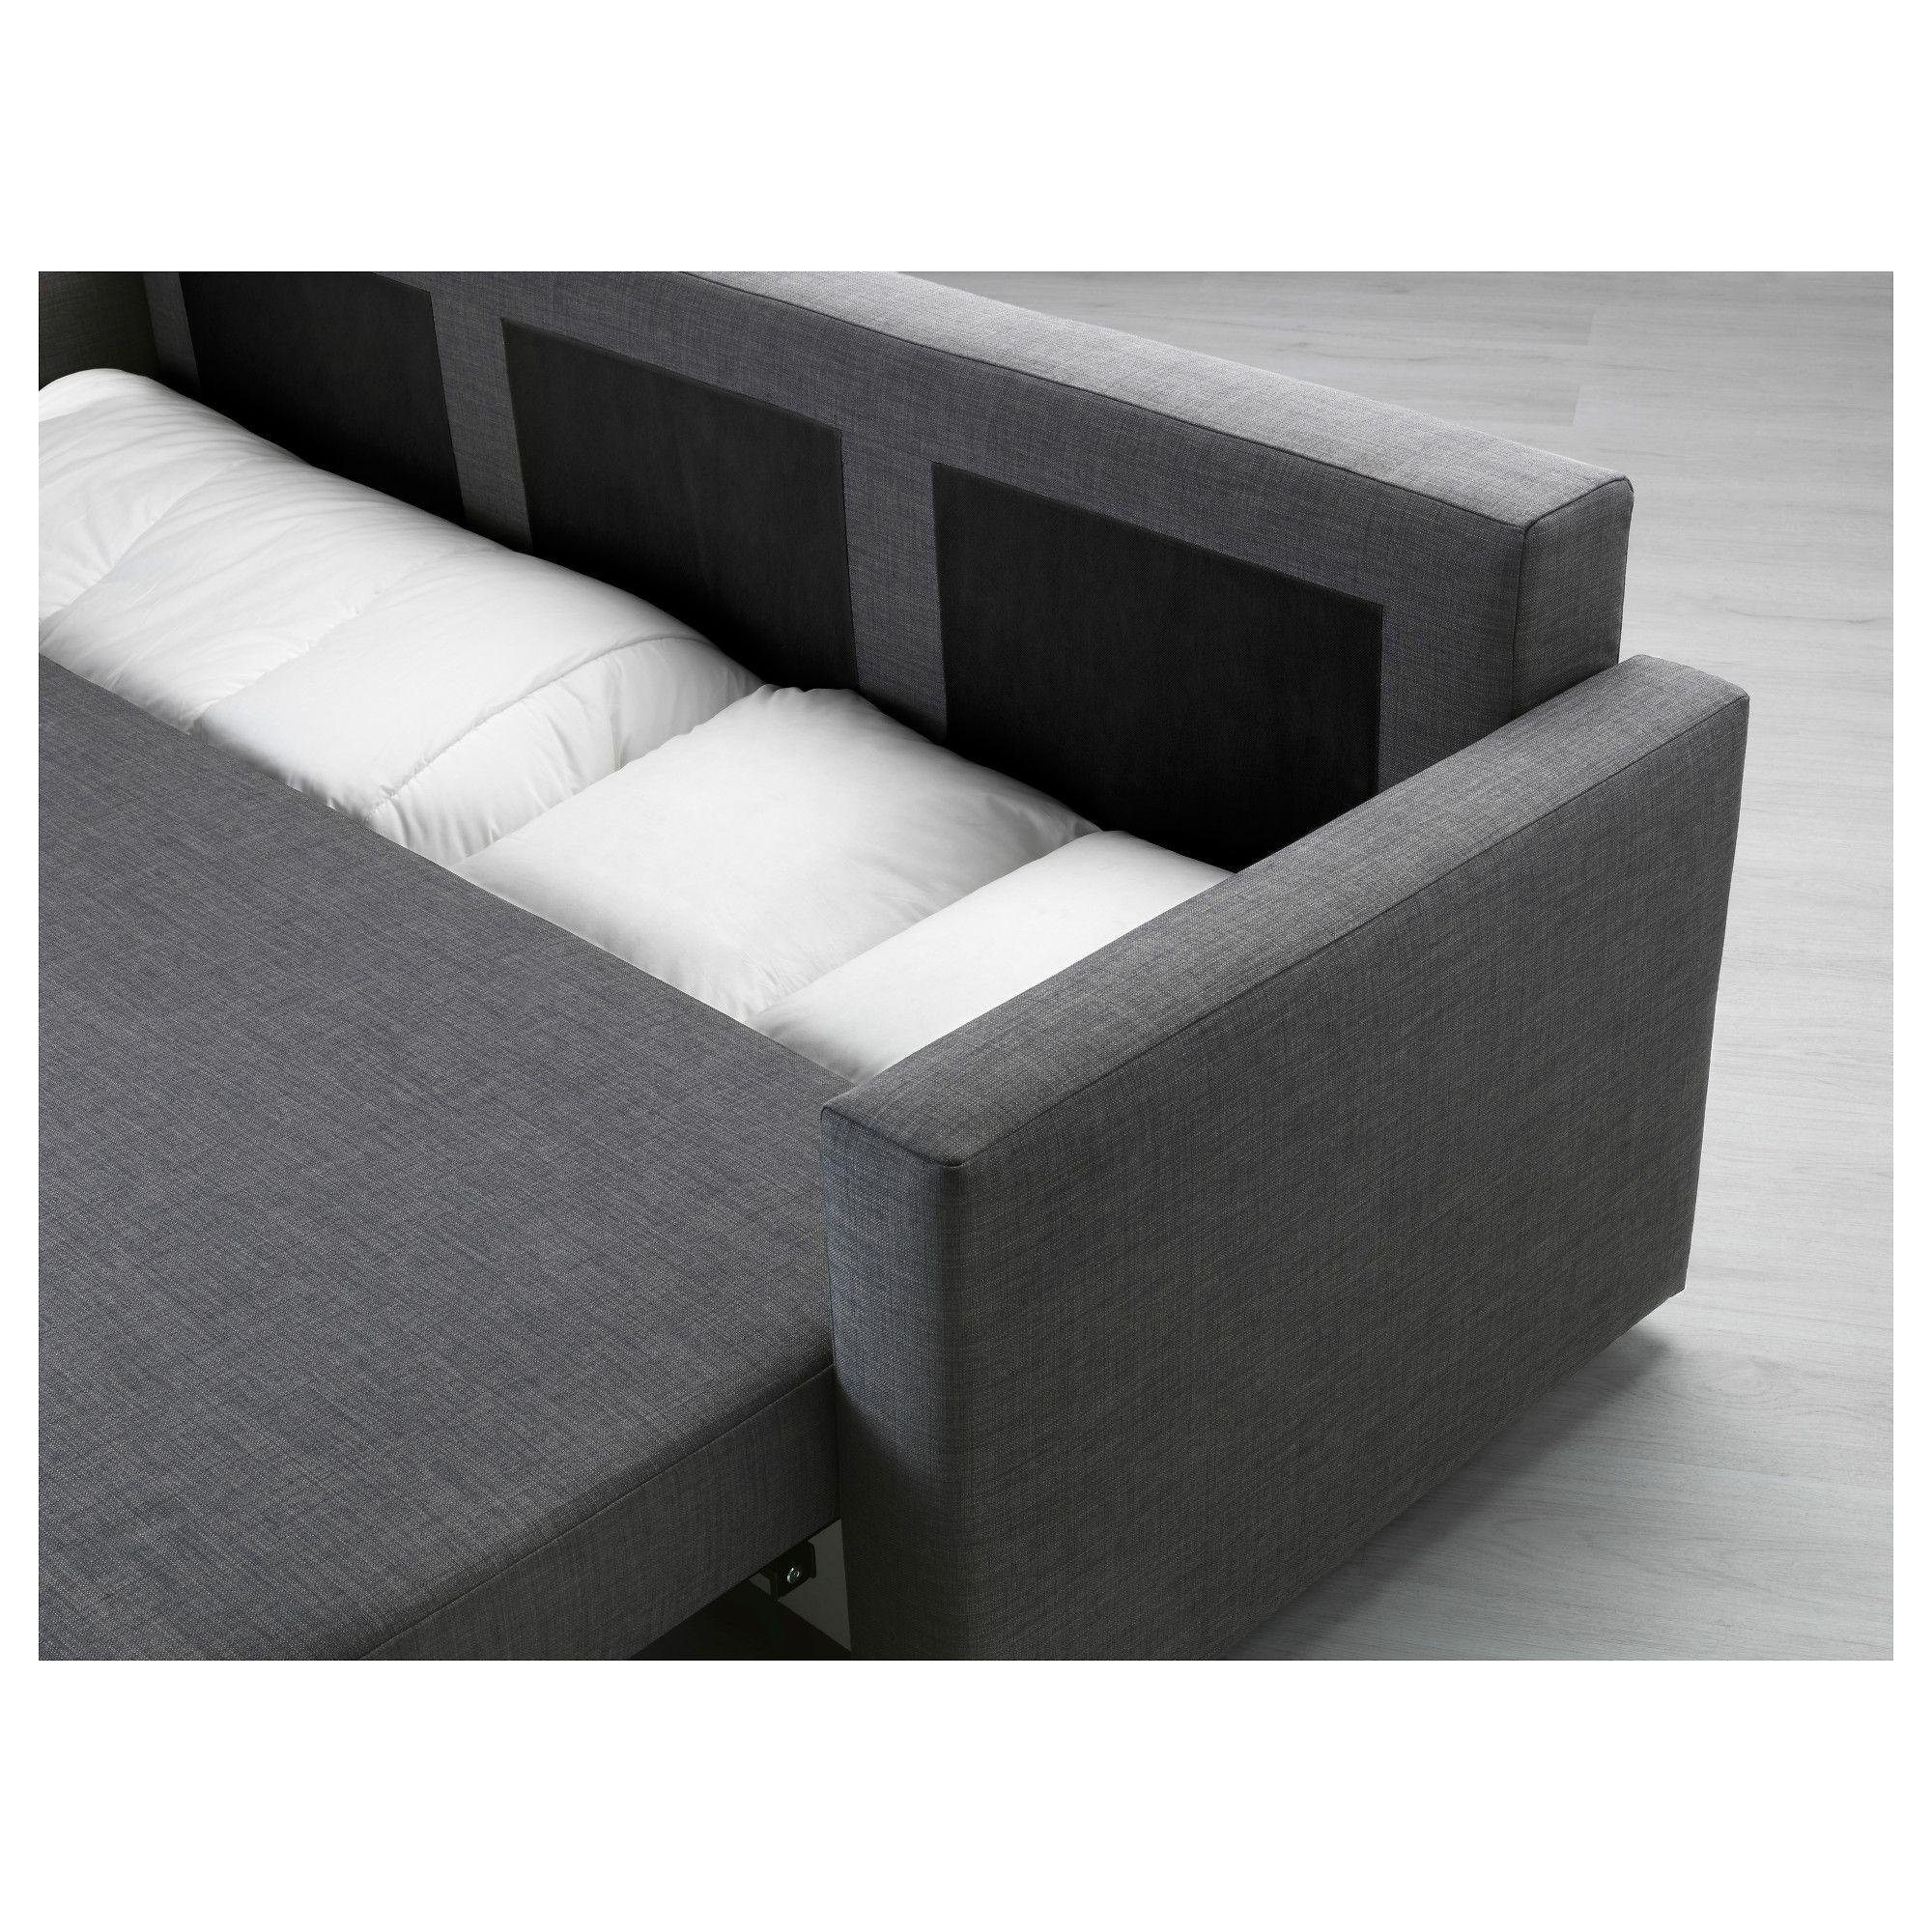 Ikea Friheten ikea friheten sofa bed skiftebo gray products